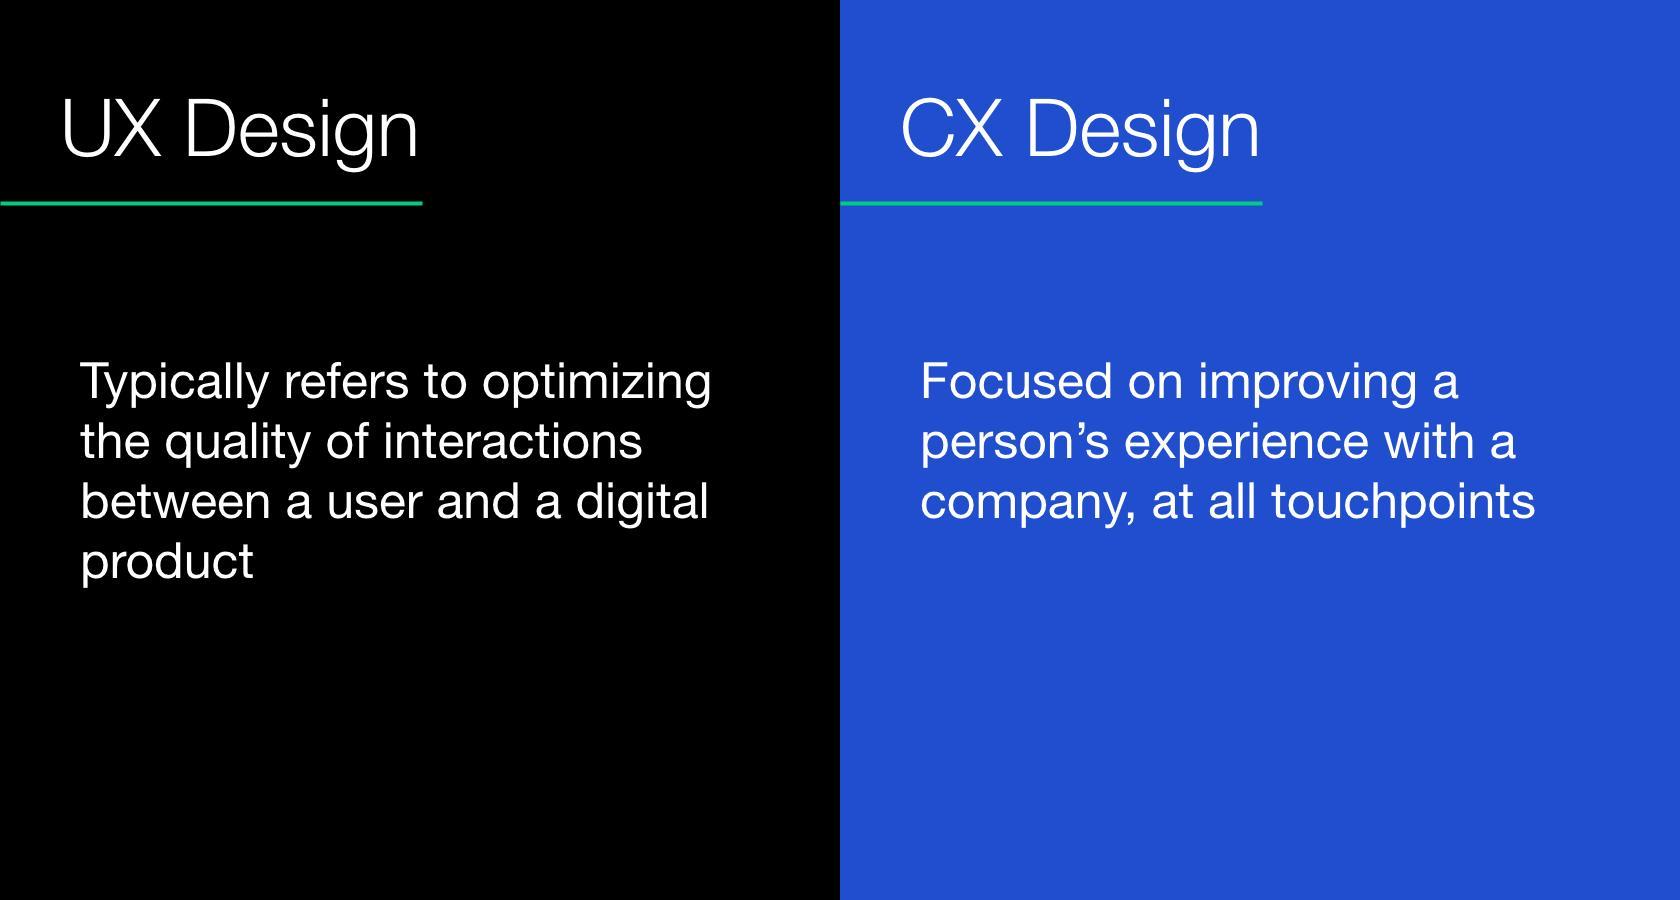 CX design